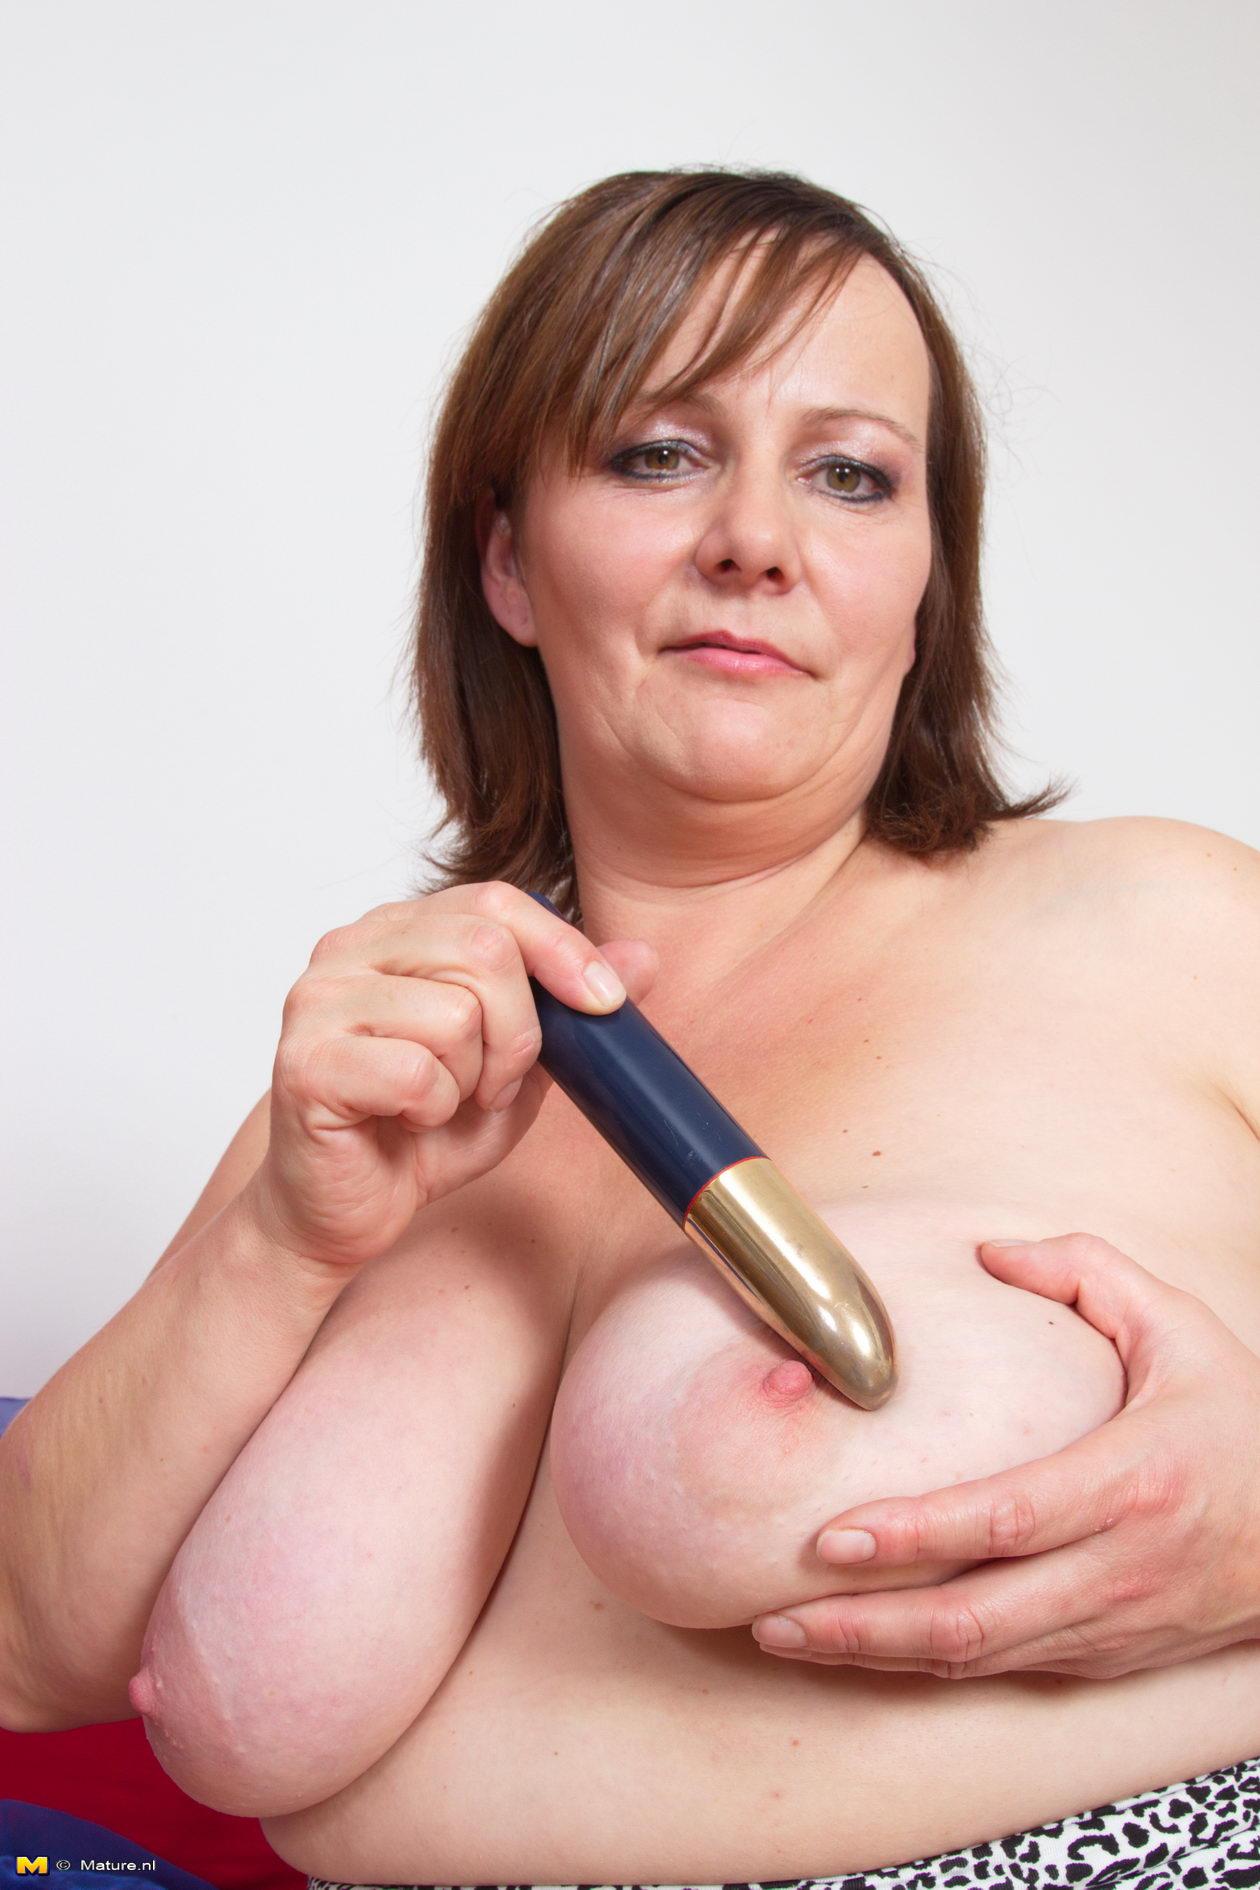 Granny hot stuff nudes